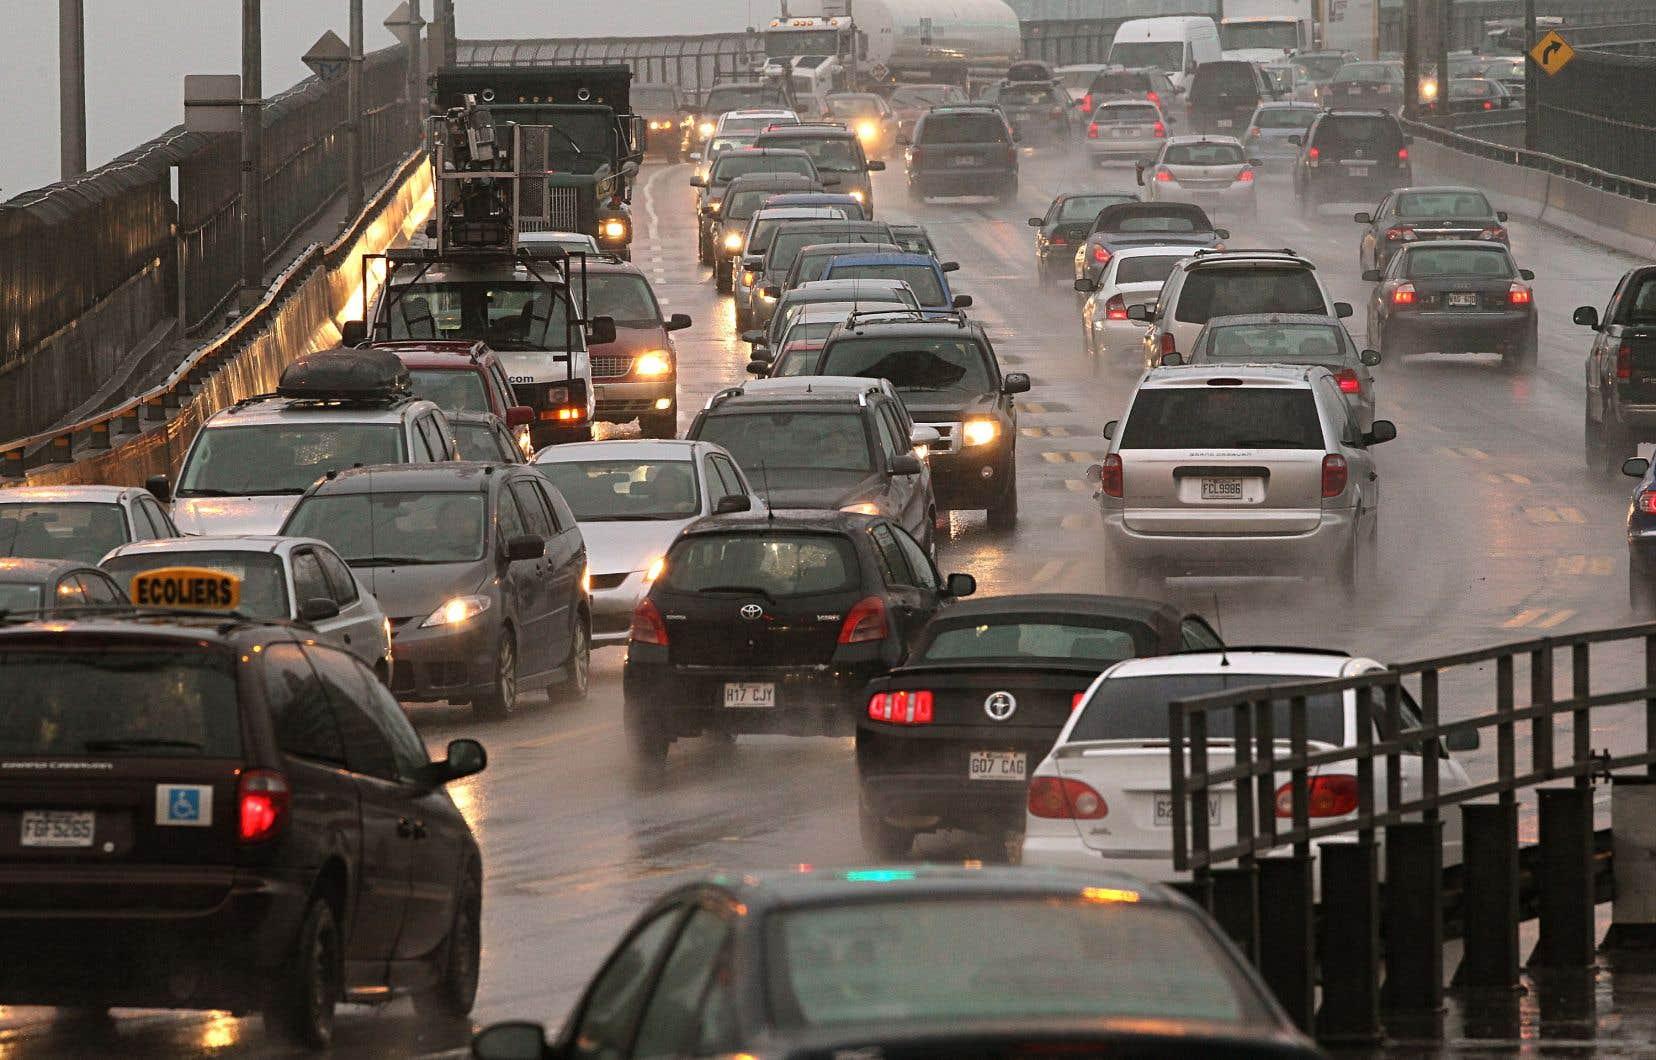 Seulement 20000 véhicules électriques arpentent les routes de la province, actuellement. Le gouvernement s'est donné comme objectif d'élever ce nombre à 100000 d'ici 2020.